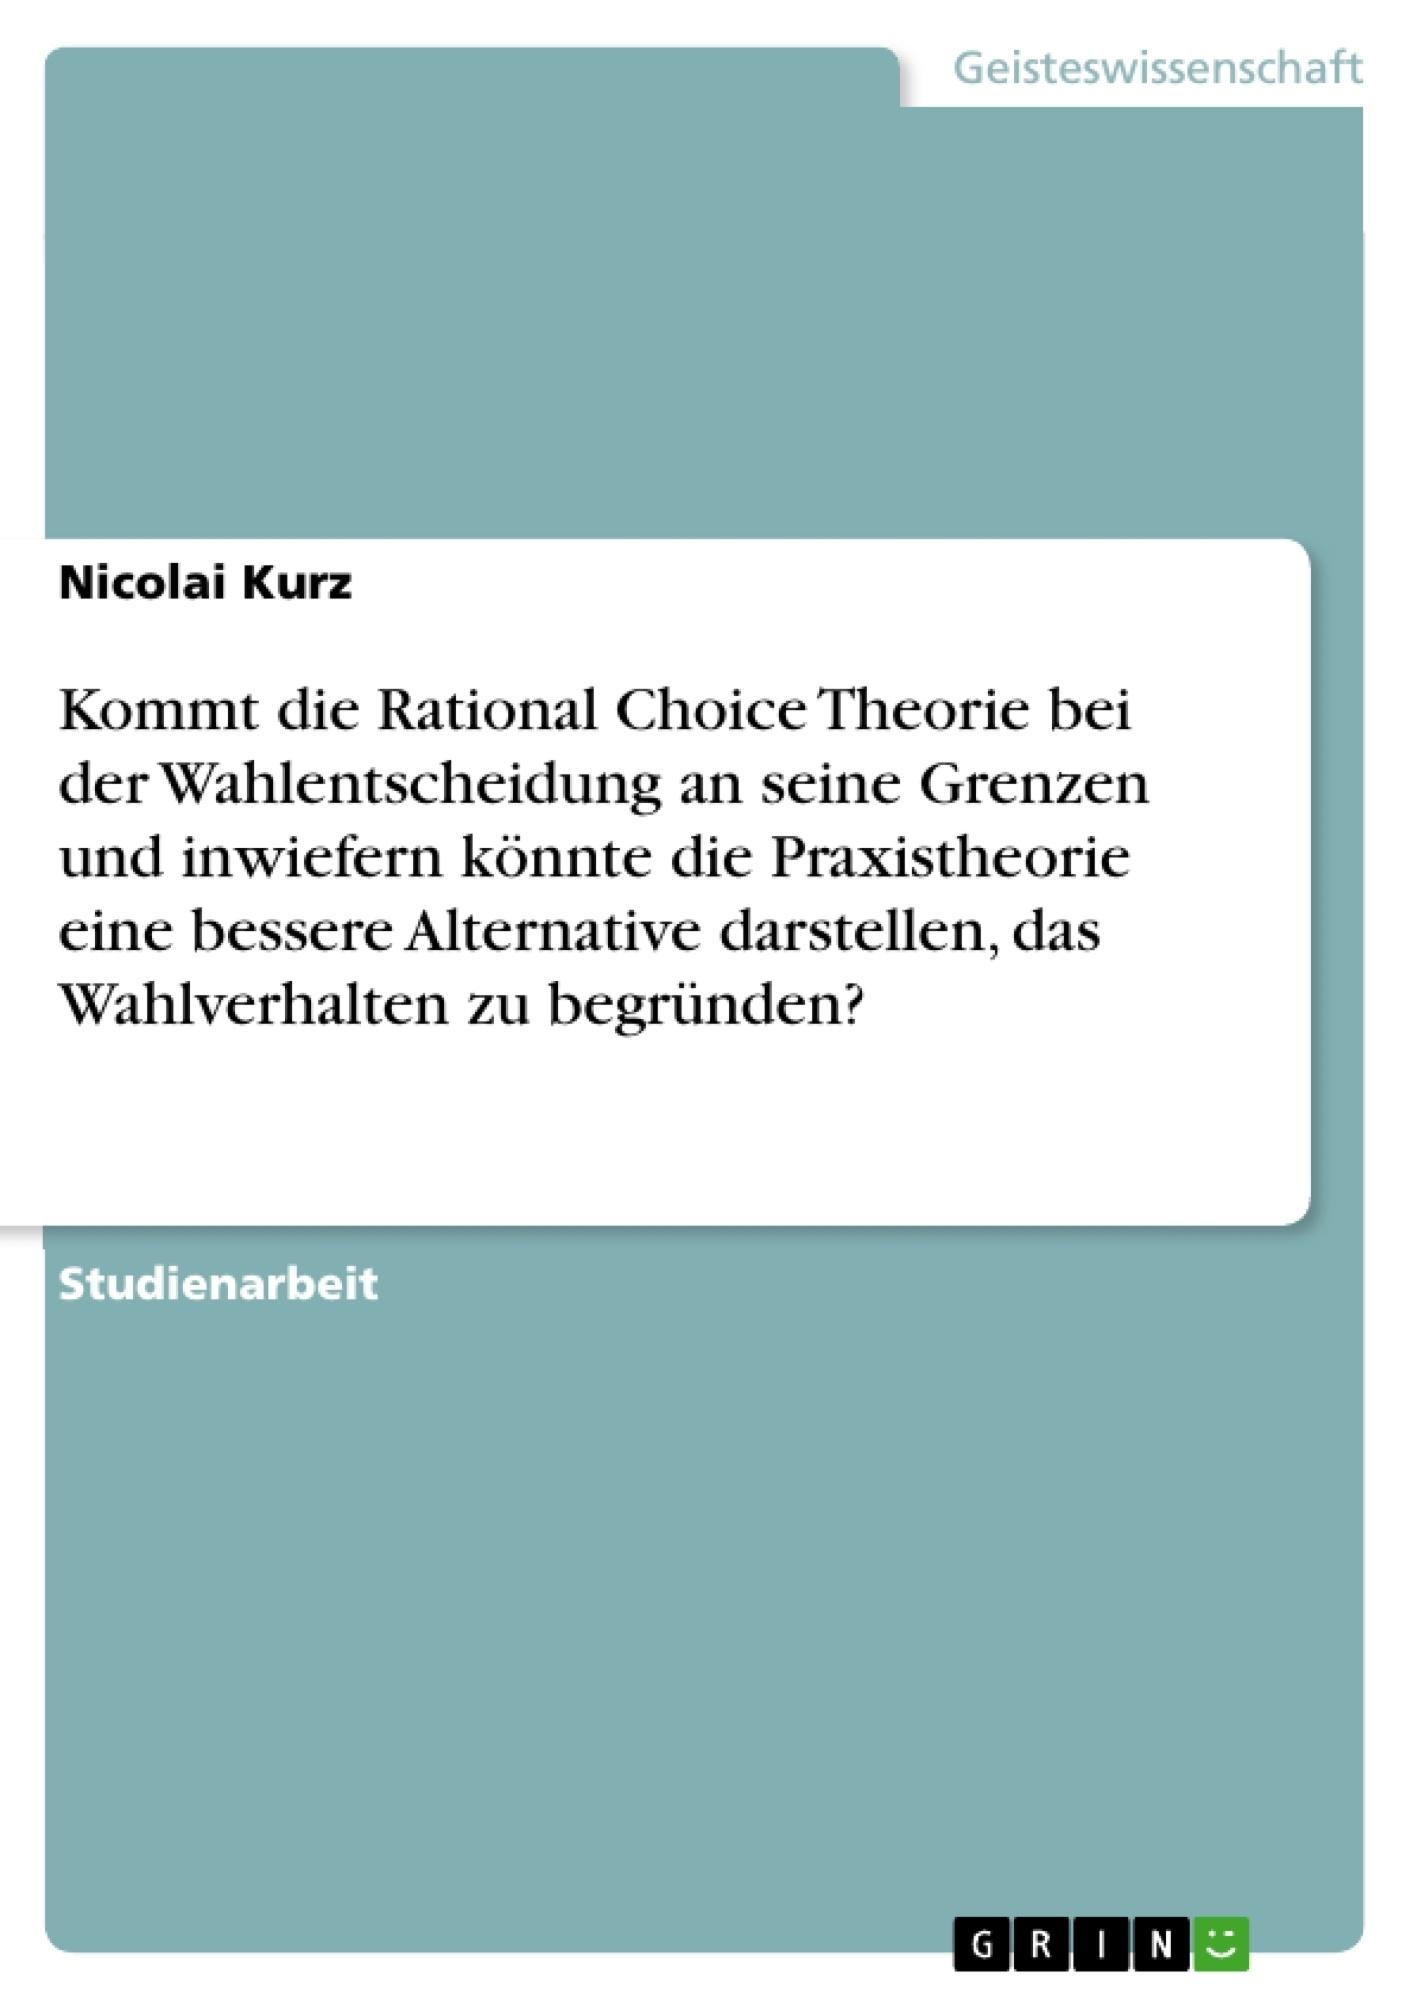 Titel: Kommt die Rational Choice Theorie bei der Wahlentscheidung an seine Grenzen und inwiefern könnte die Praxistheorie eine bessere Alternative darstellen, das Wahlverhalten zu begründen?